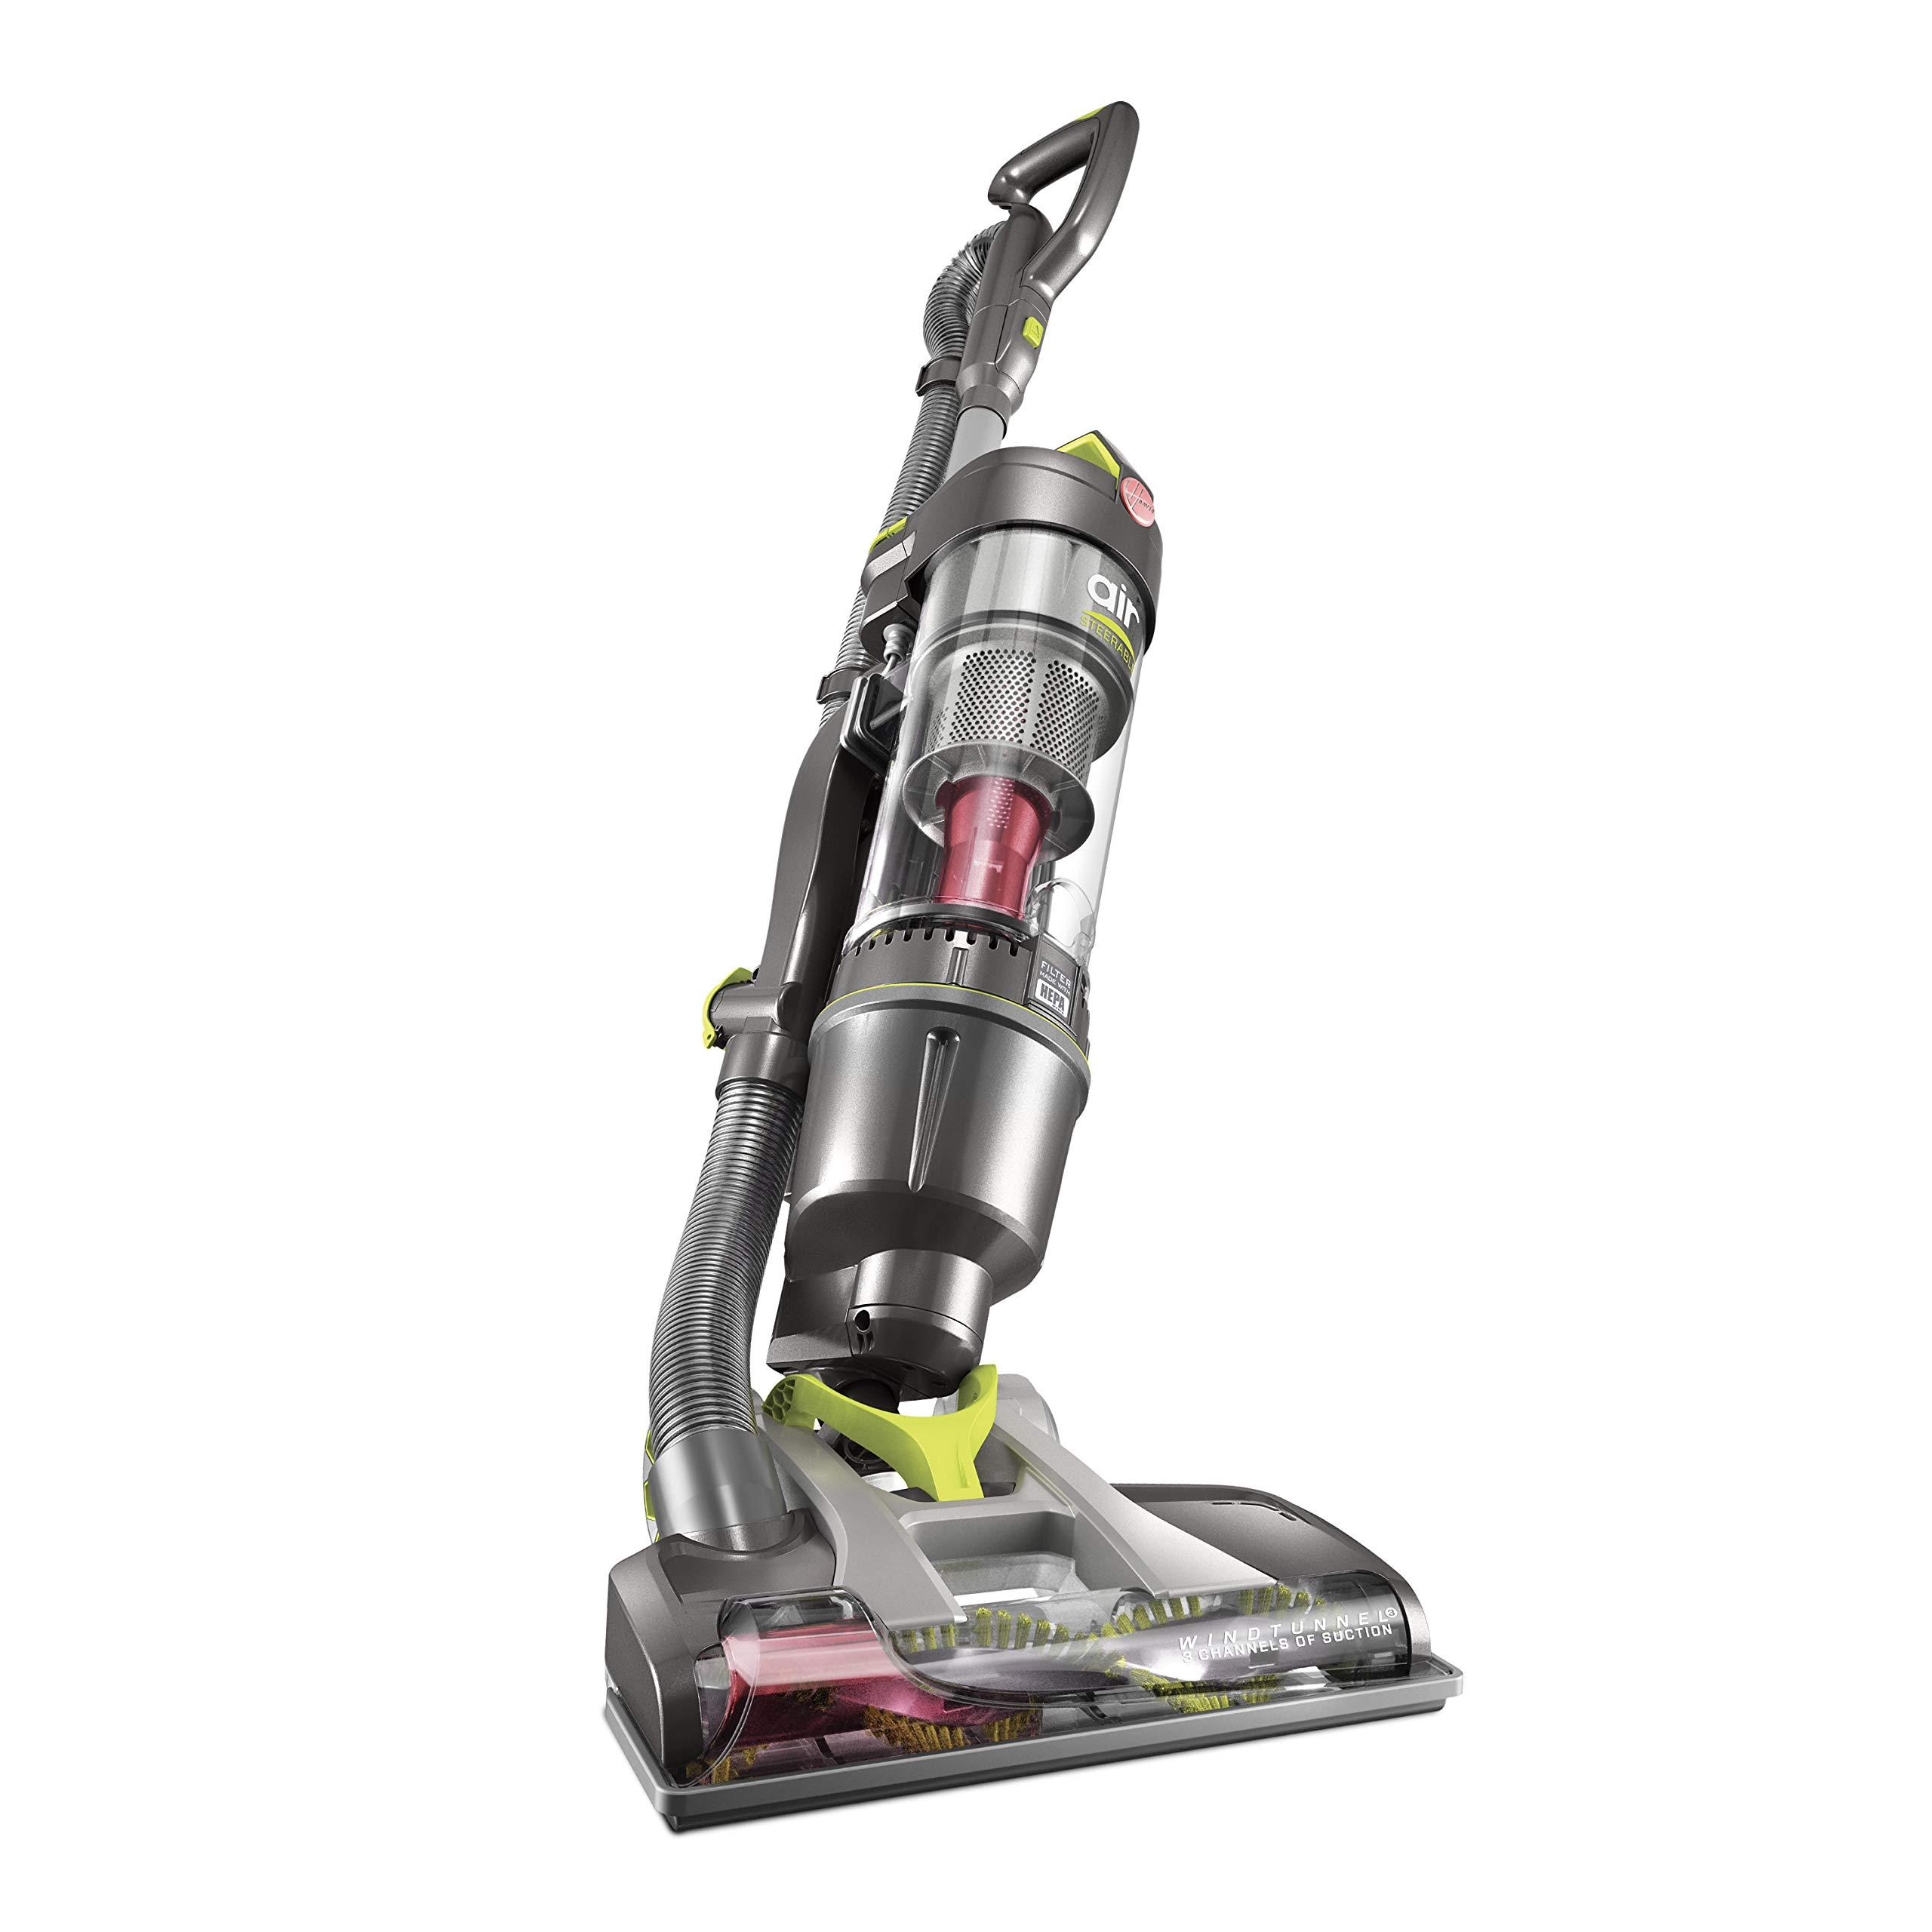 Hoover UH72400 Sin bolsa 1300W Gris aspiradora de pie y escoba eléctrica - Aspiradora escoba (Sin bolsa, Gris, UL, Secar, HEPA, Multi cyclonic/filtering): Amazon.es: Hogar